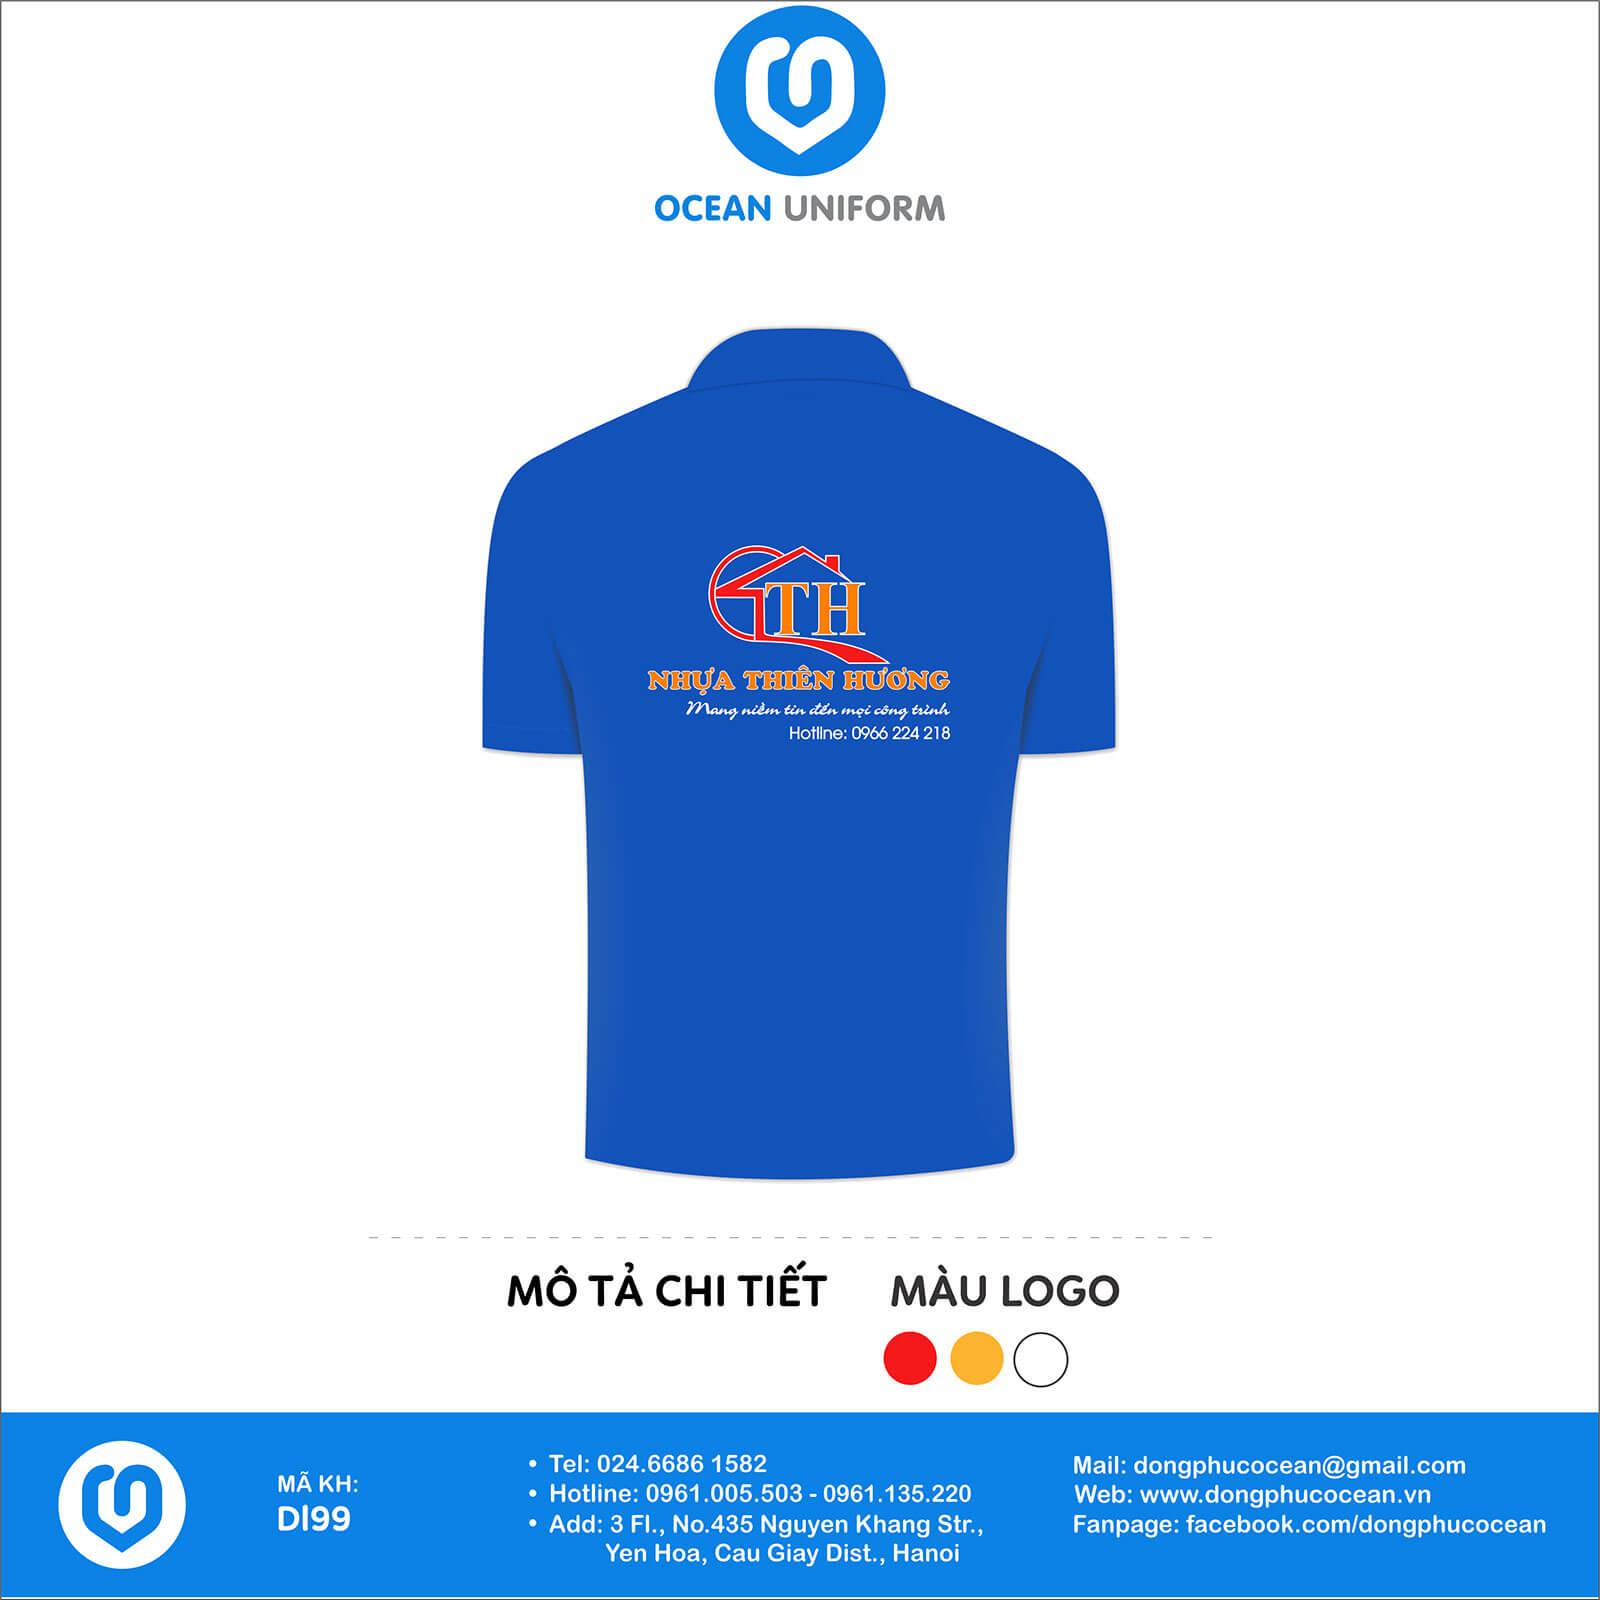 Đồng phục văn phòng Công ty nhựa Thiên Hương mặt sau